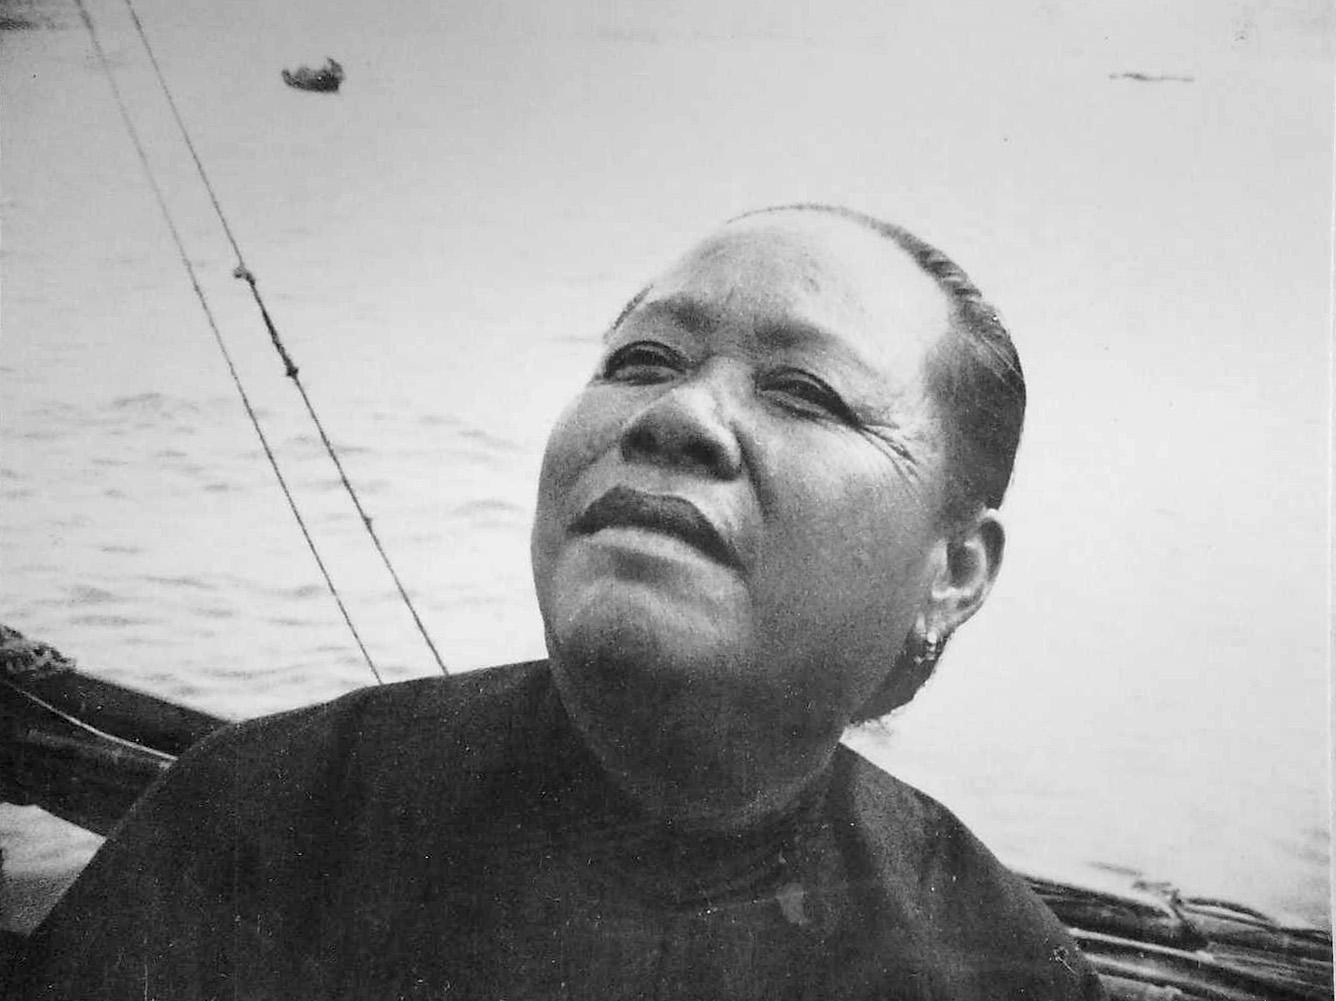 Hong Kong Boat Person